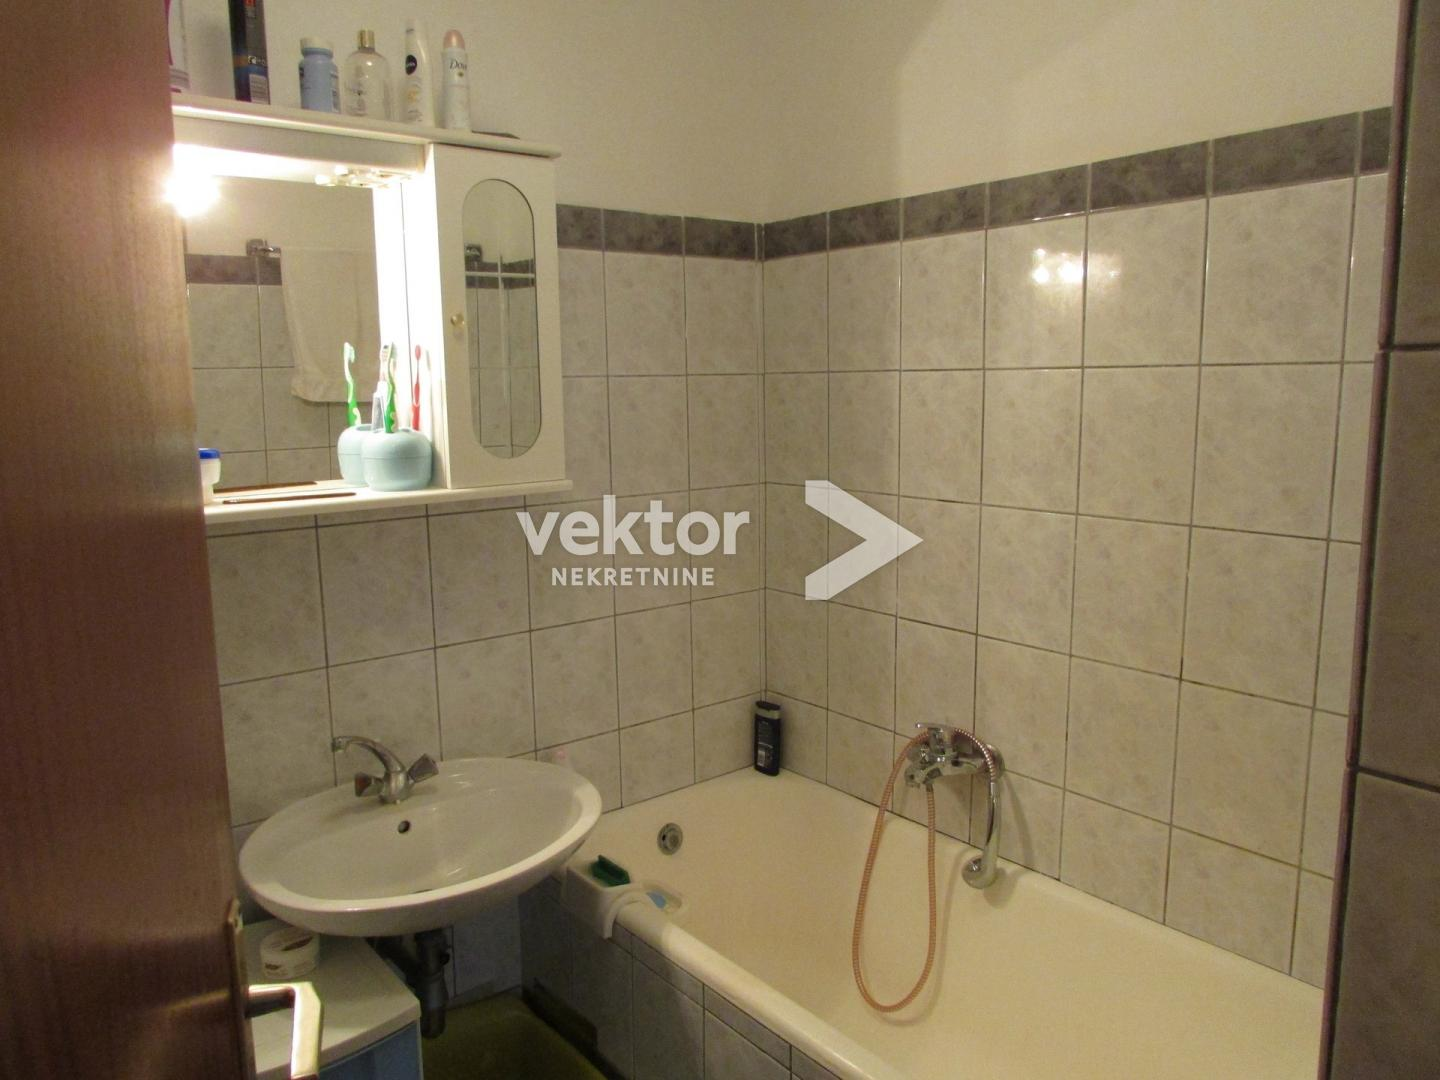 Appartamento Kozala, Rijeka, 80,44m2